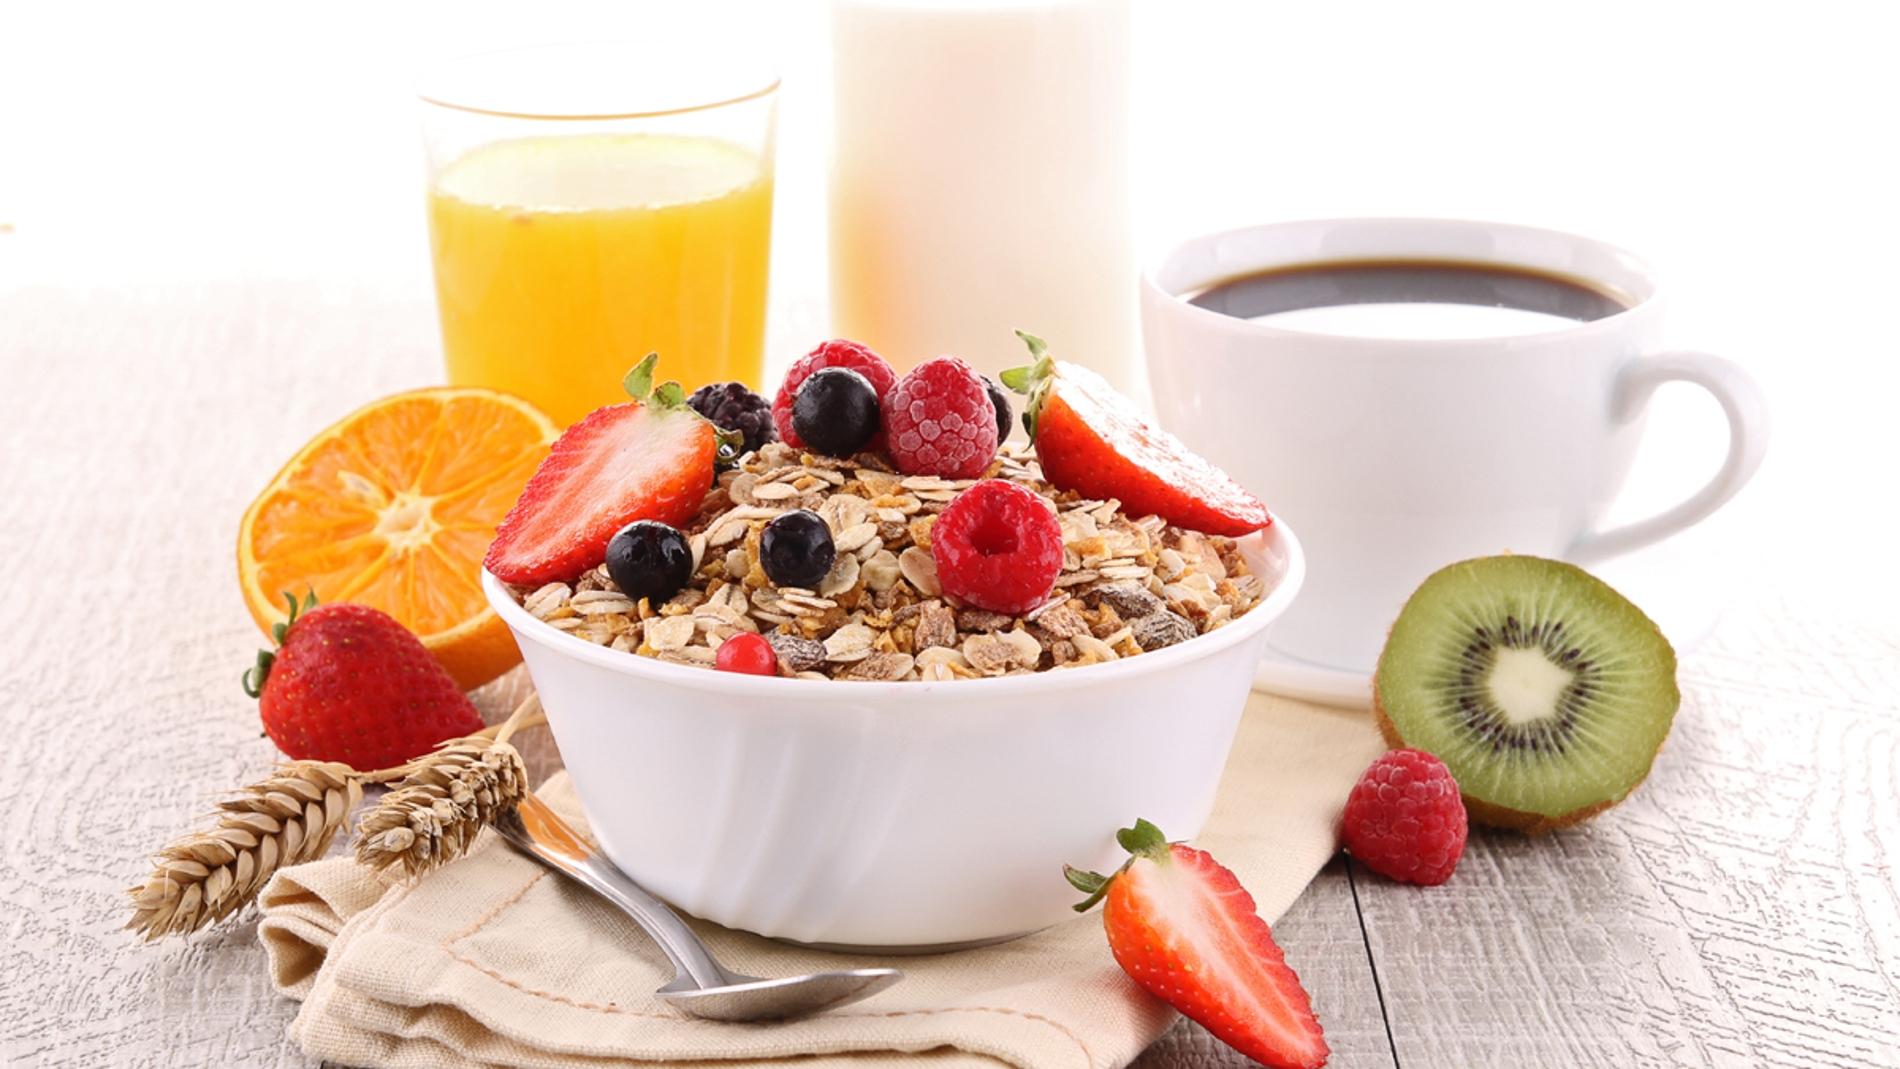 ¿Es bueno desayunar fruta?